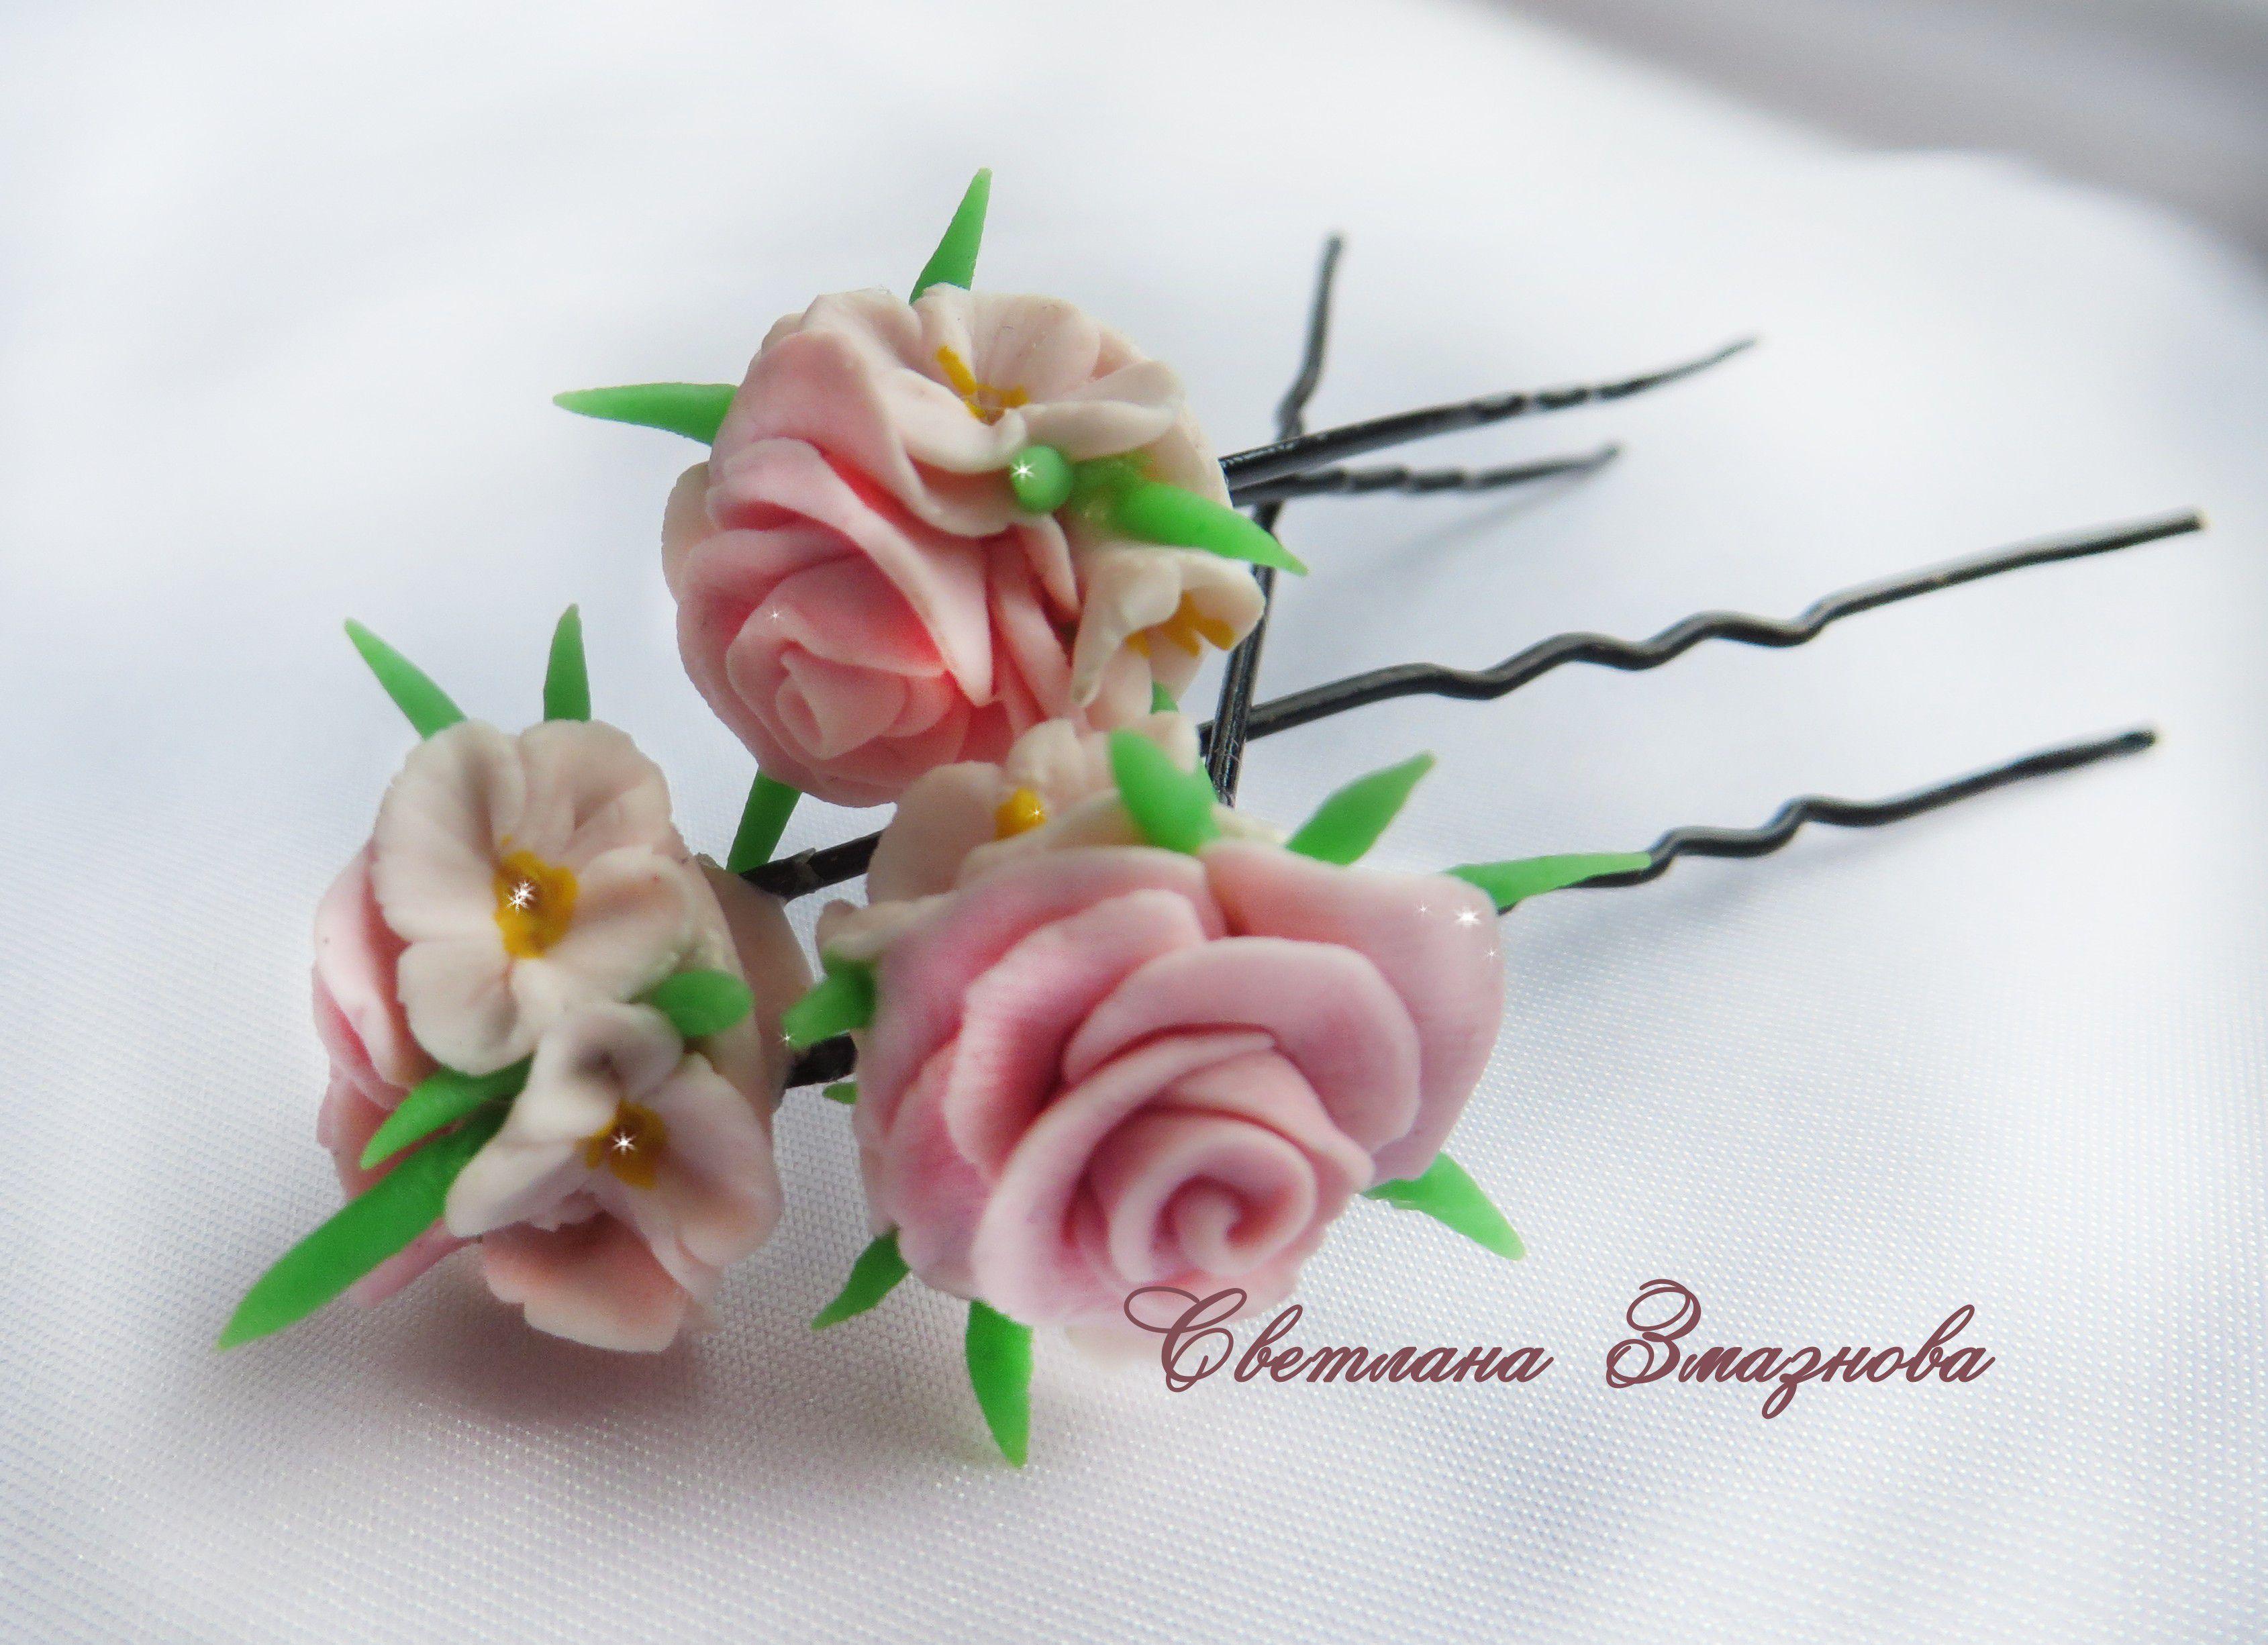 полимерная глина холодный фарфор работа ручная украшение заколки шпильки розы цветы